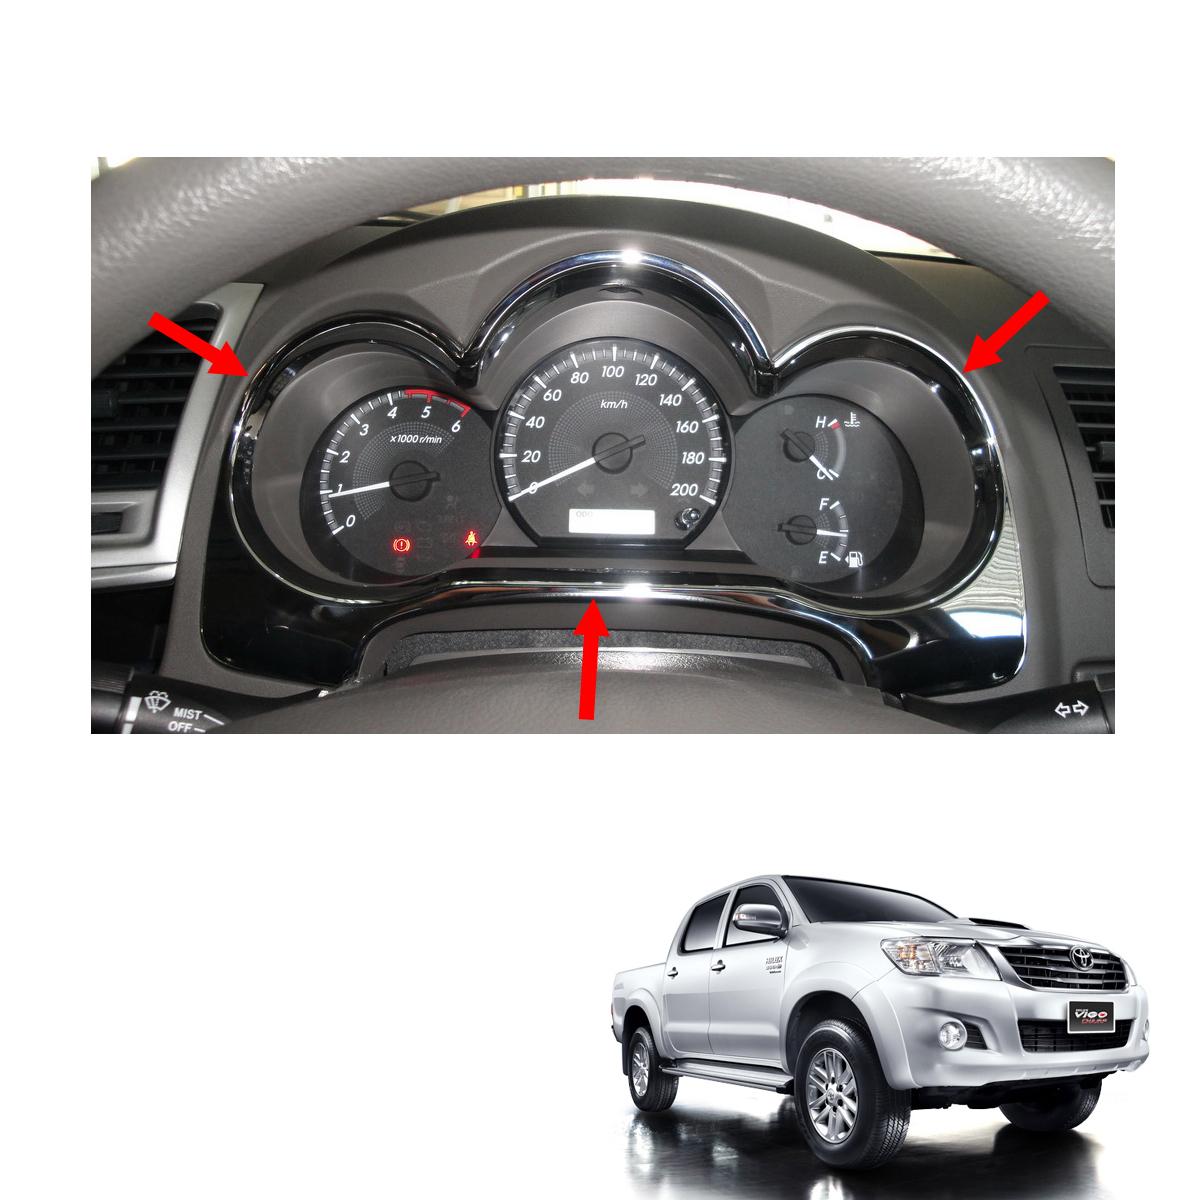 Dash Guage Cover Trim Chrome Fits Toyota Hilux Vigo Champ MK7 Truck SR 2011-2015